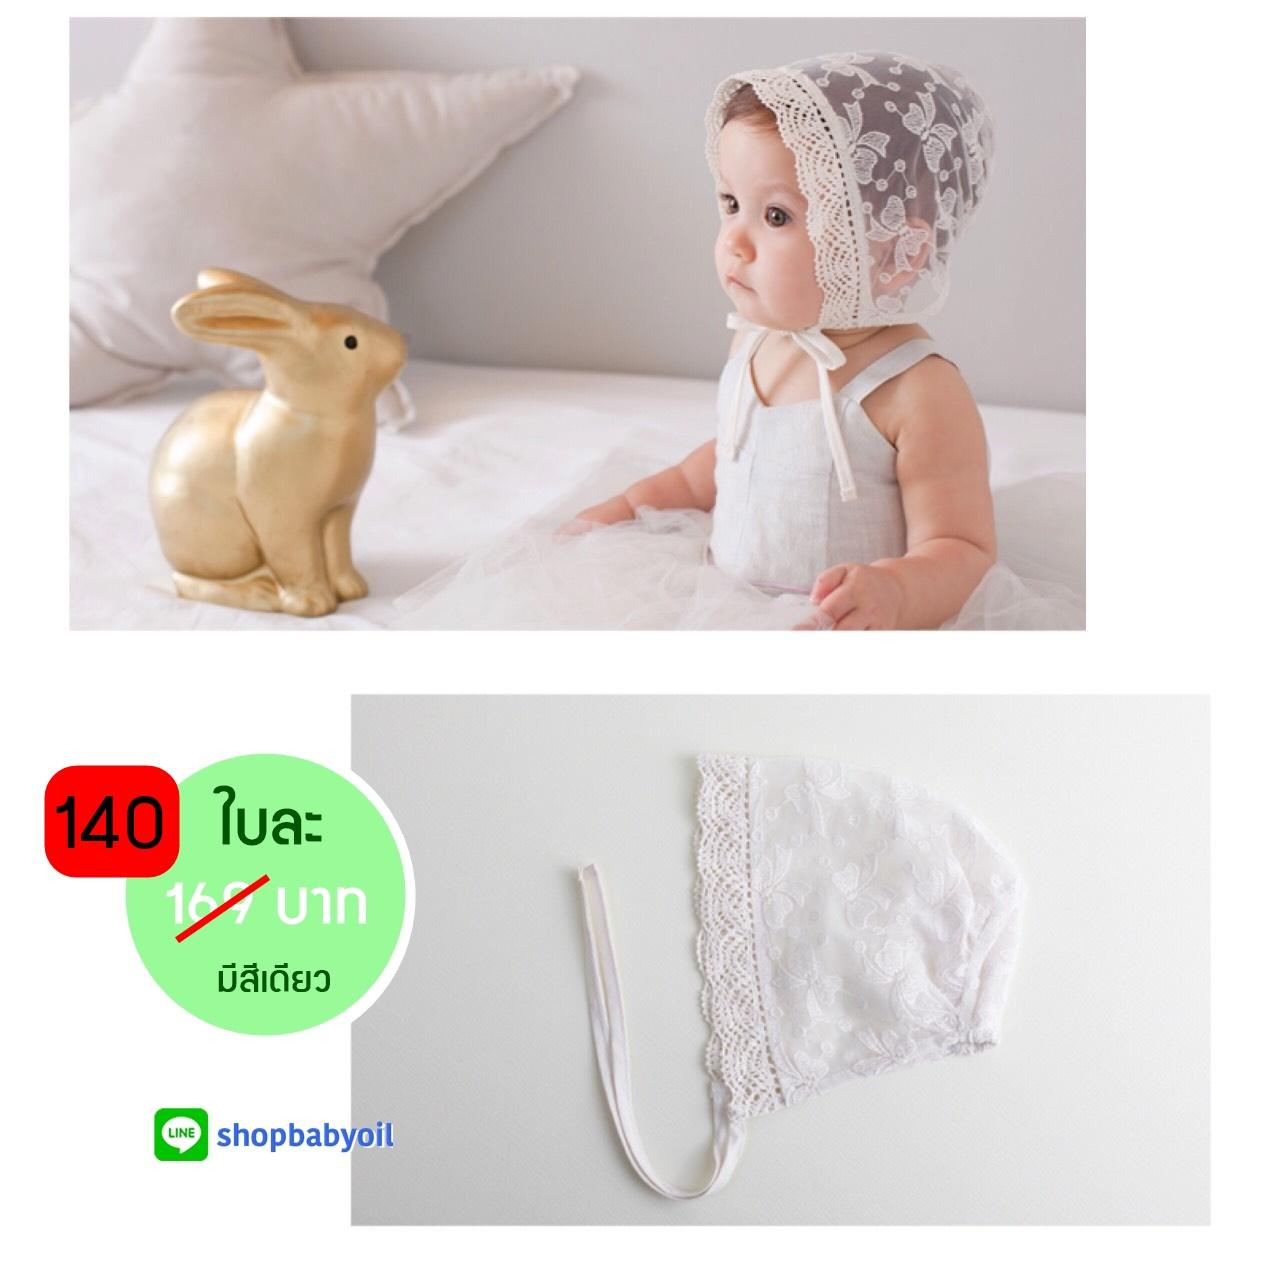 หมวกบอนเน็ตผ้าลูกไม้ หมวกเด็กผู้หญิงปิดท้ายทอย สีครีม (แบบที่ 3)